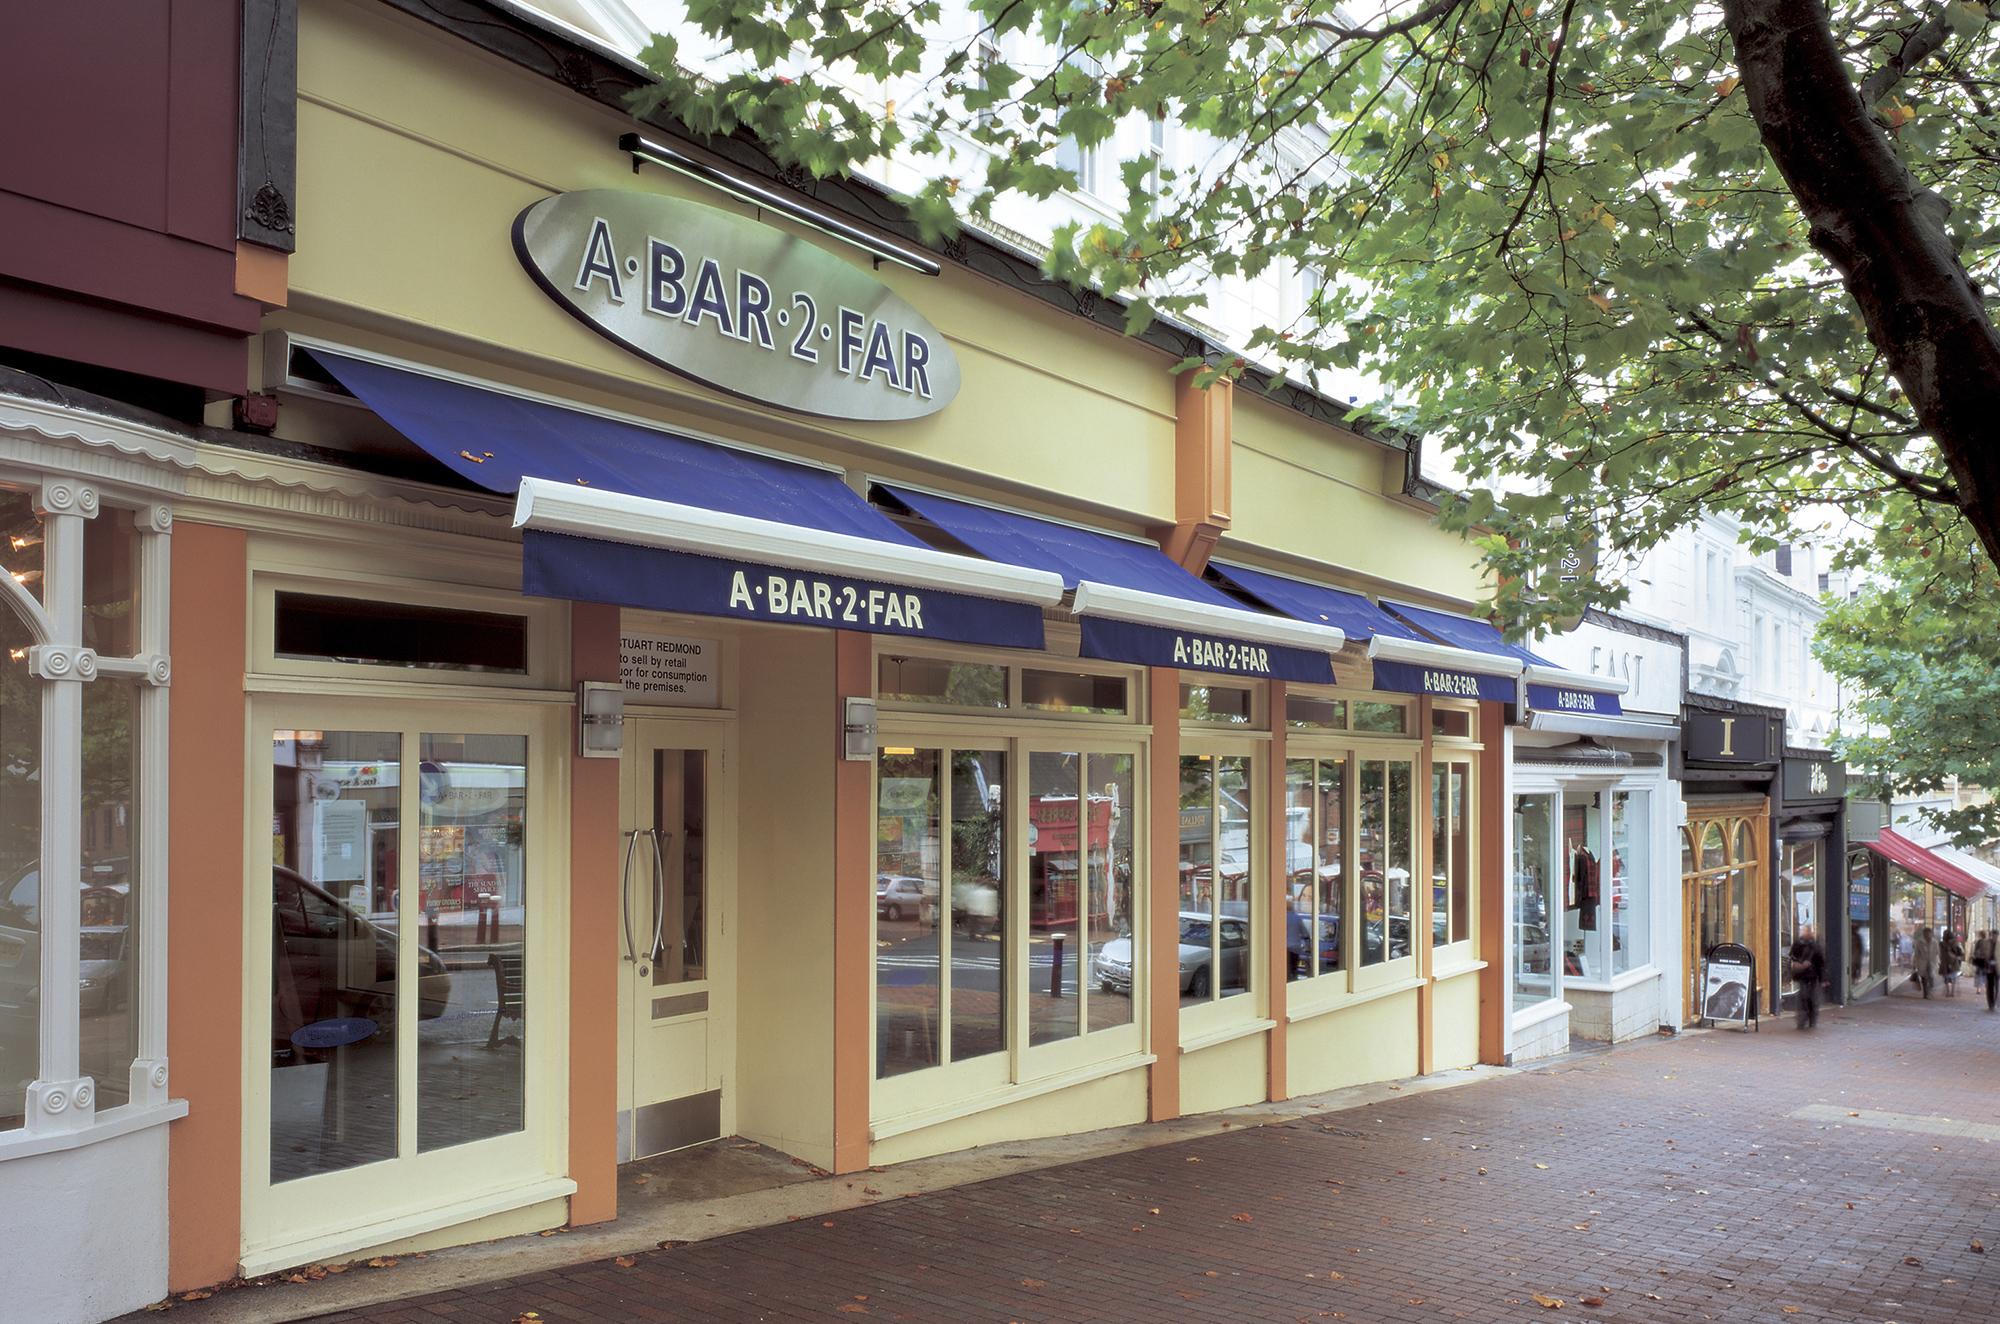 A Bar 2 Far